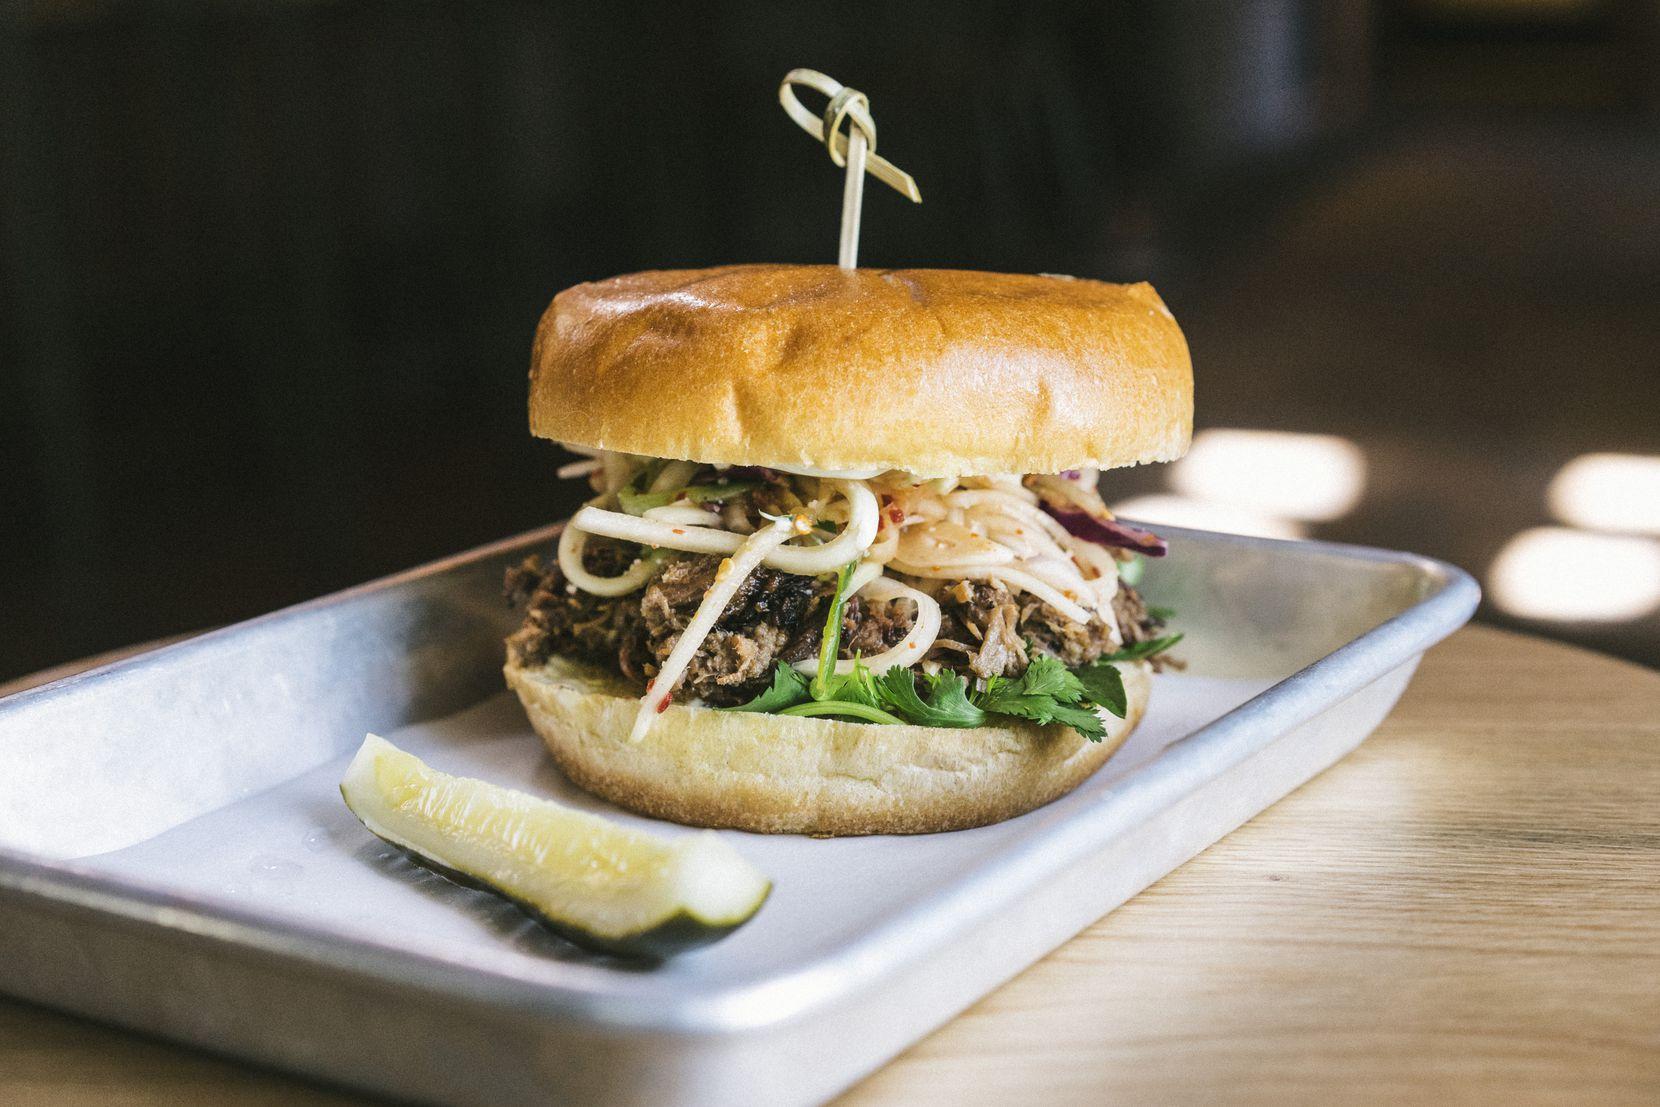 The brisket sandwich at LORO in Dallas